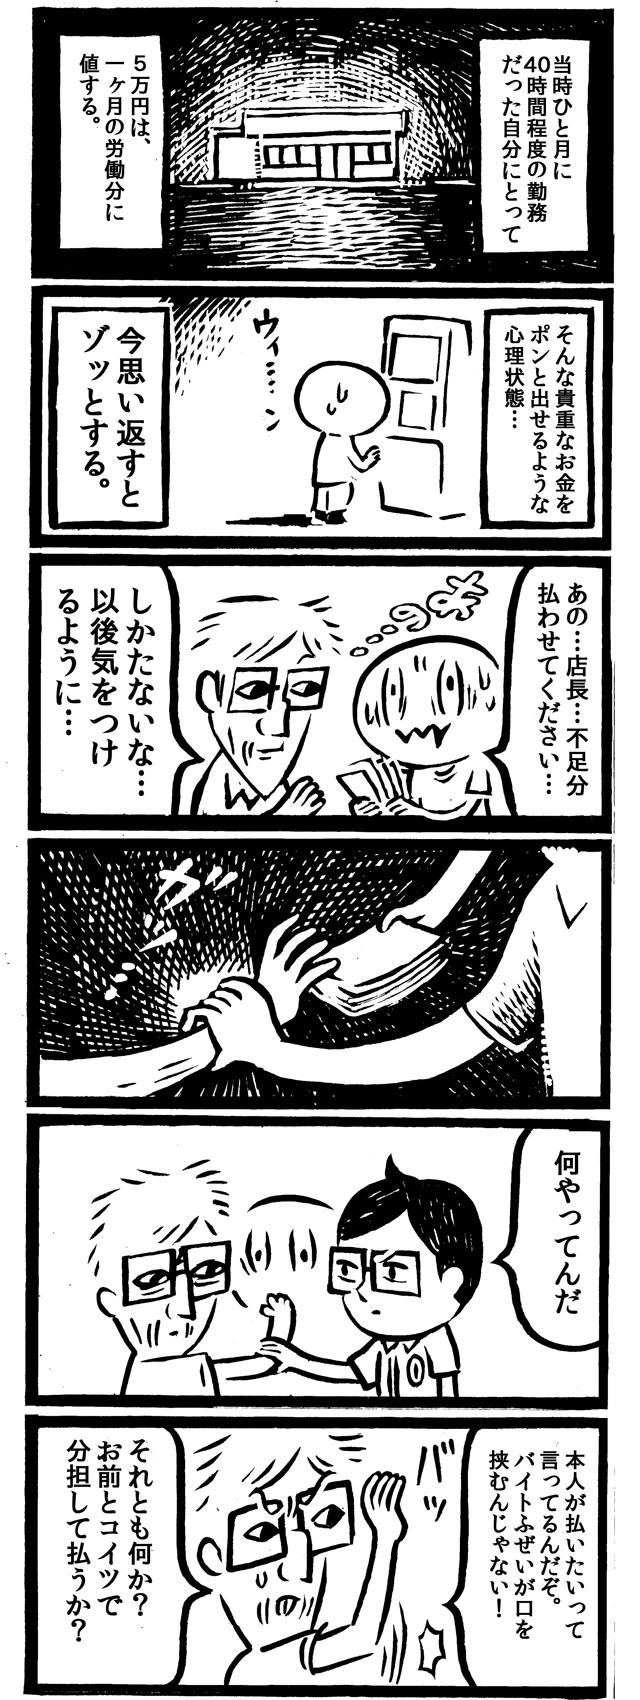 f:id:kakijiro:20150708185501j:plain